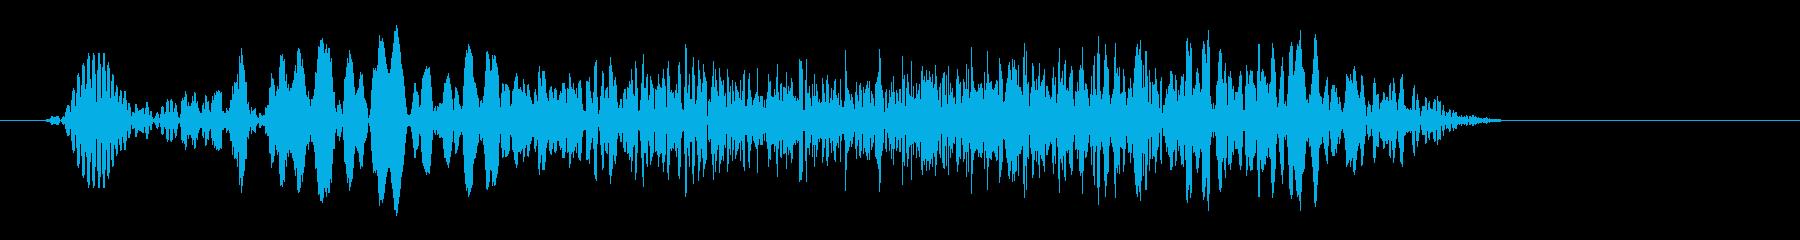 フィ〜シュという摩擦音の再生済みの波形